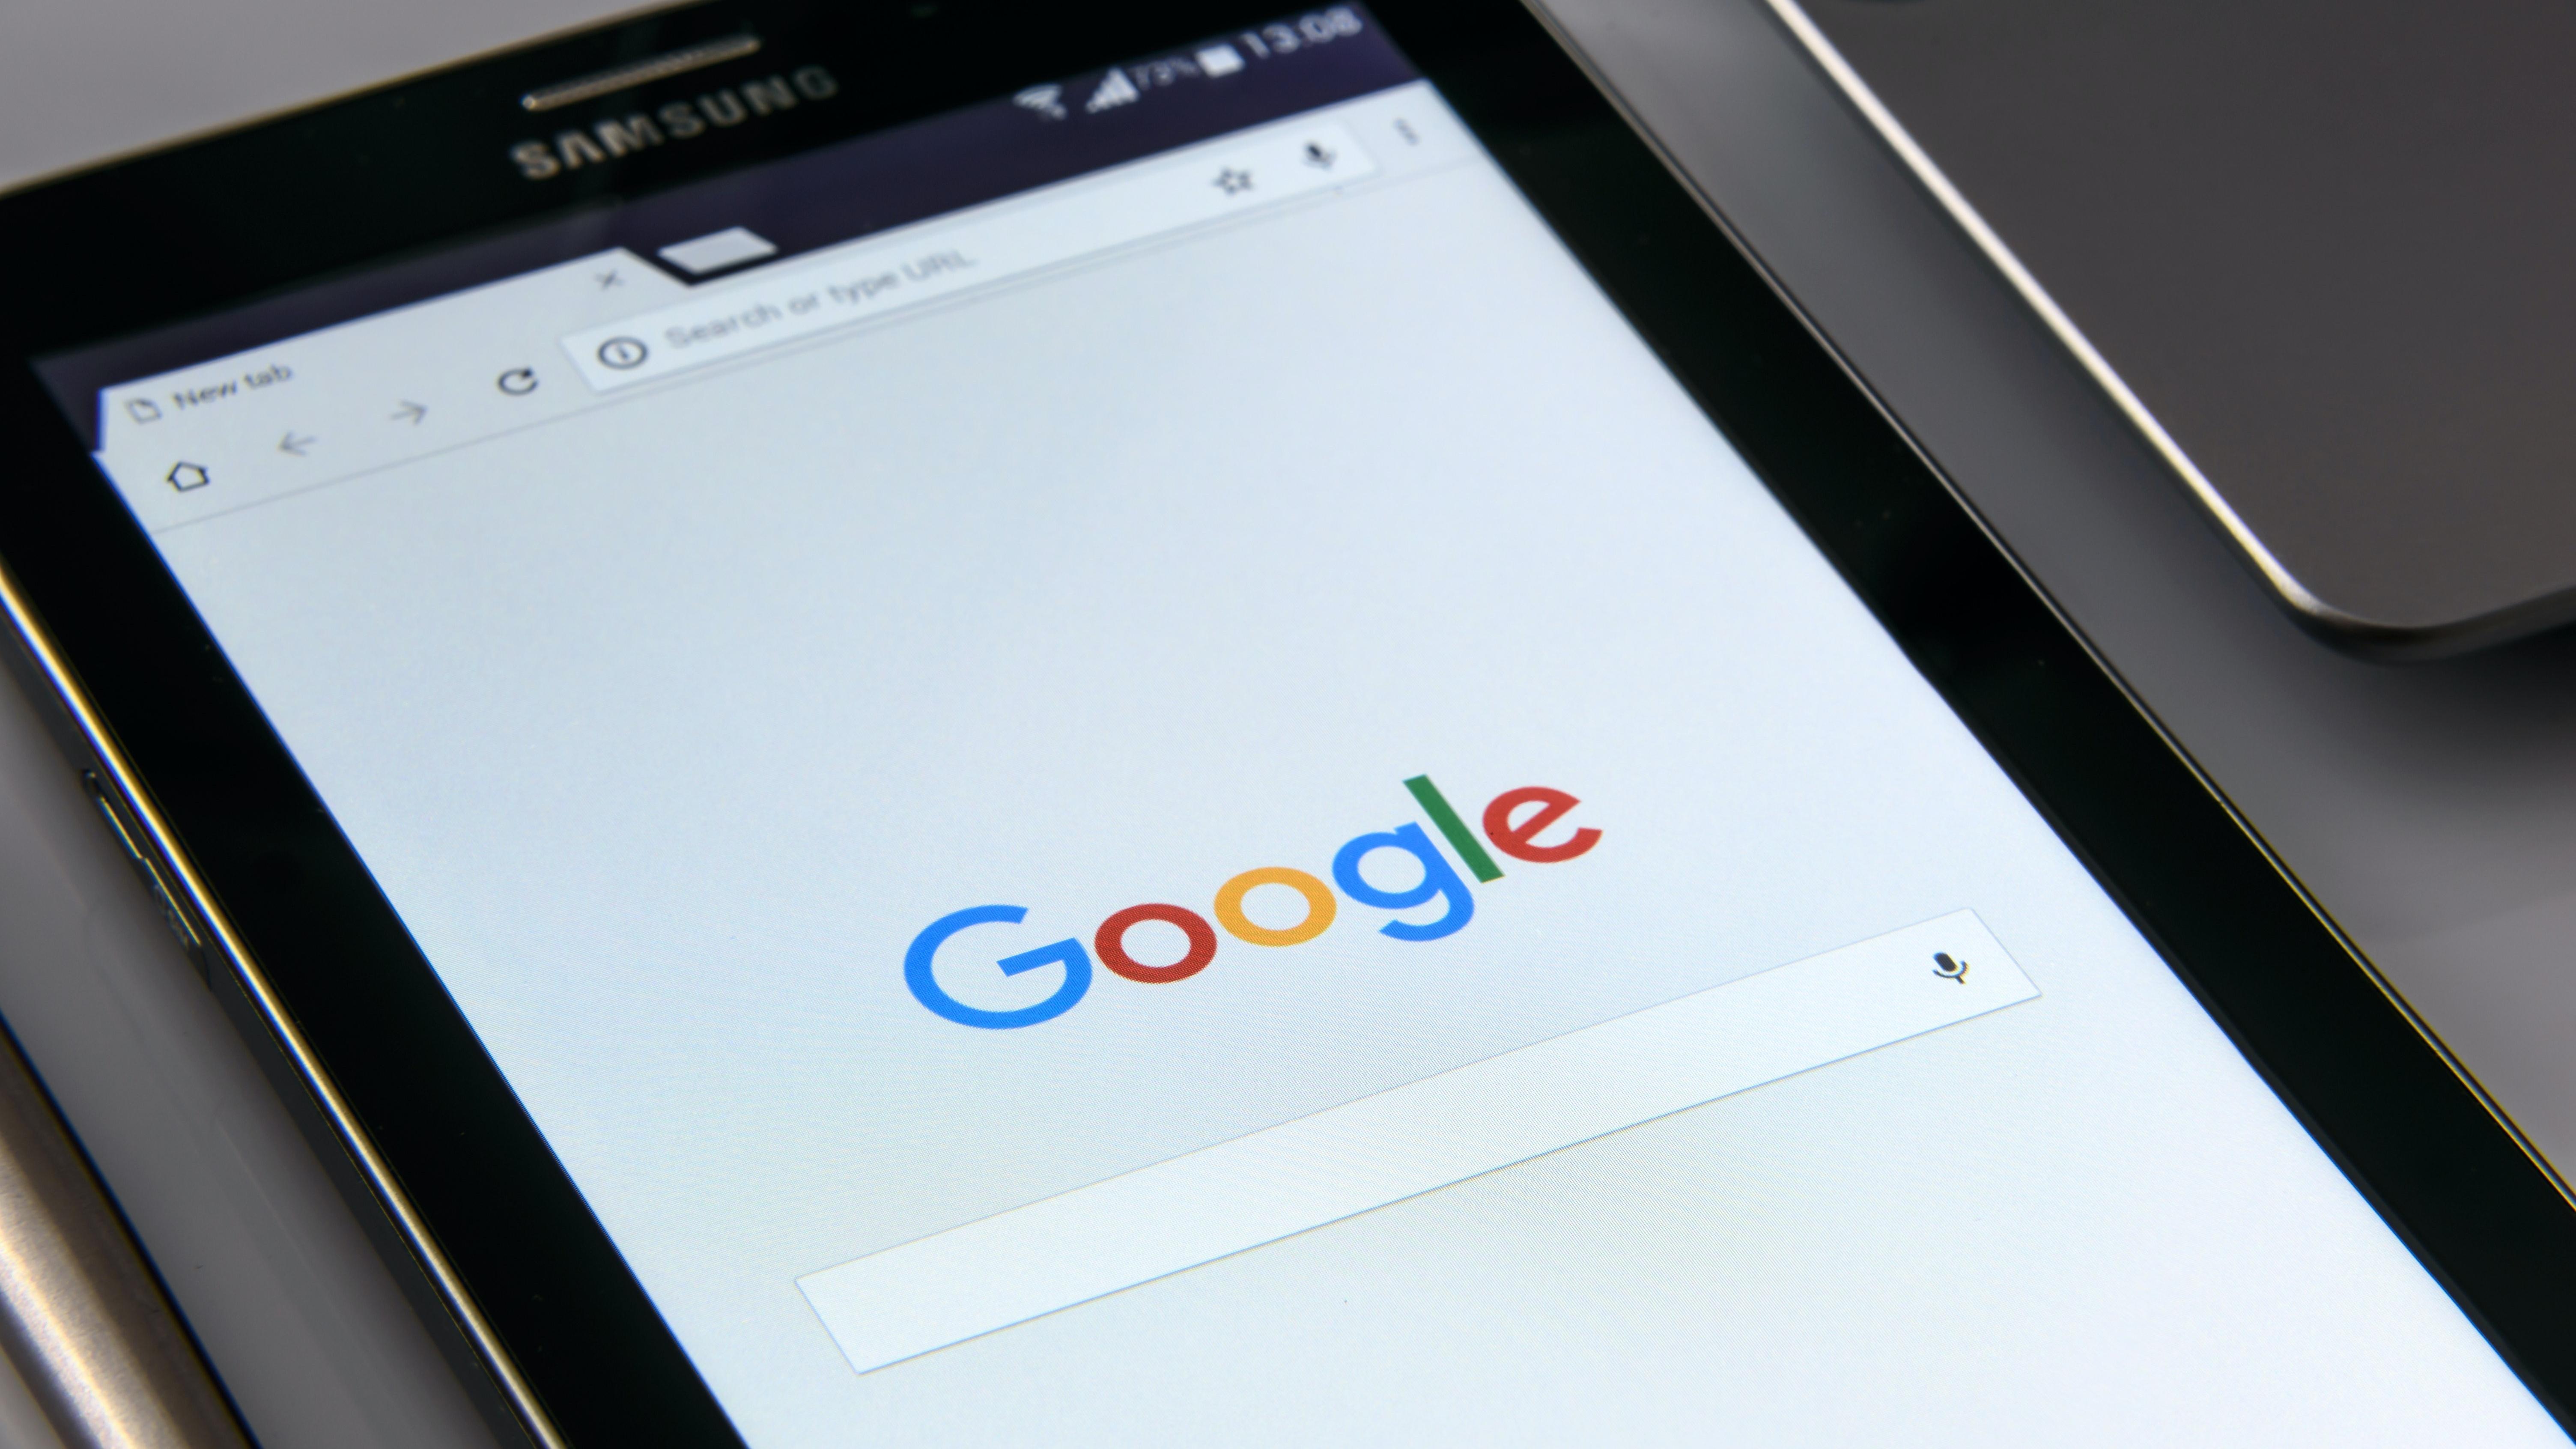 Wenn die Google News & Wetter App nicht funktioniert, können Sie dieses Problem meist schnell beheben.